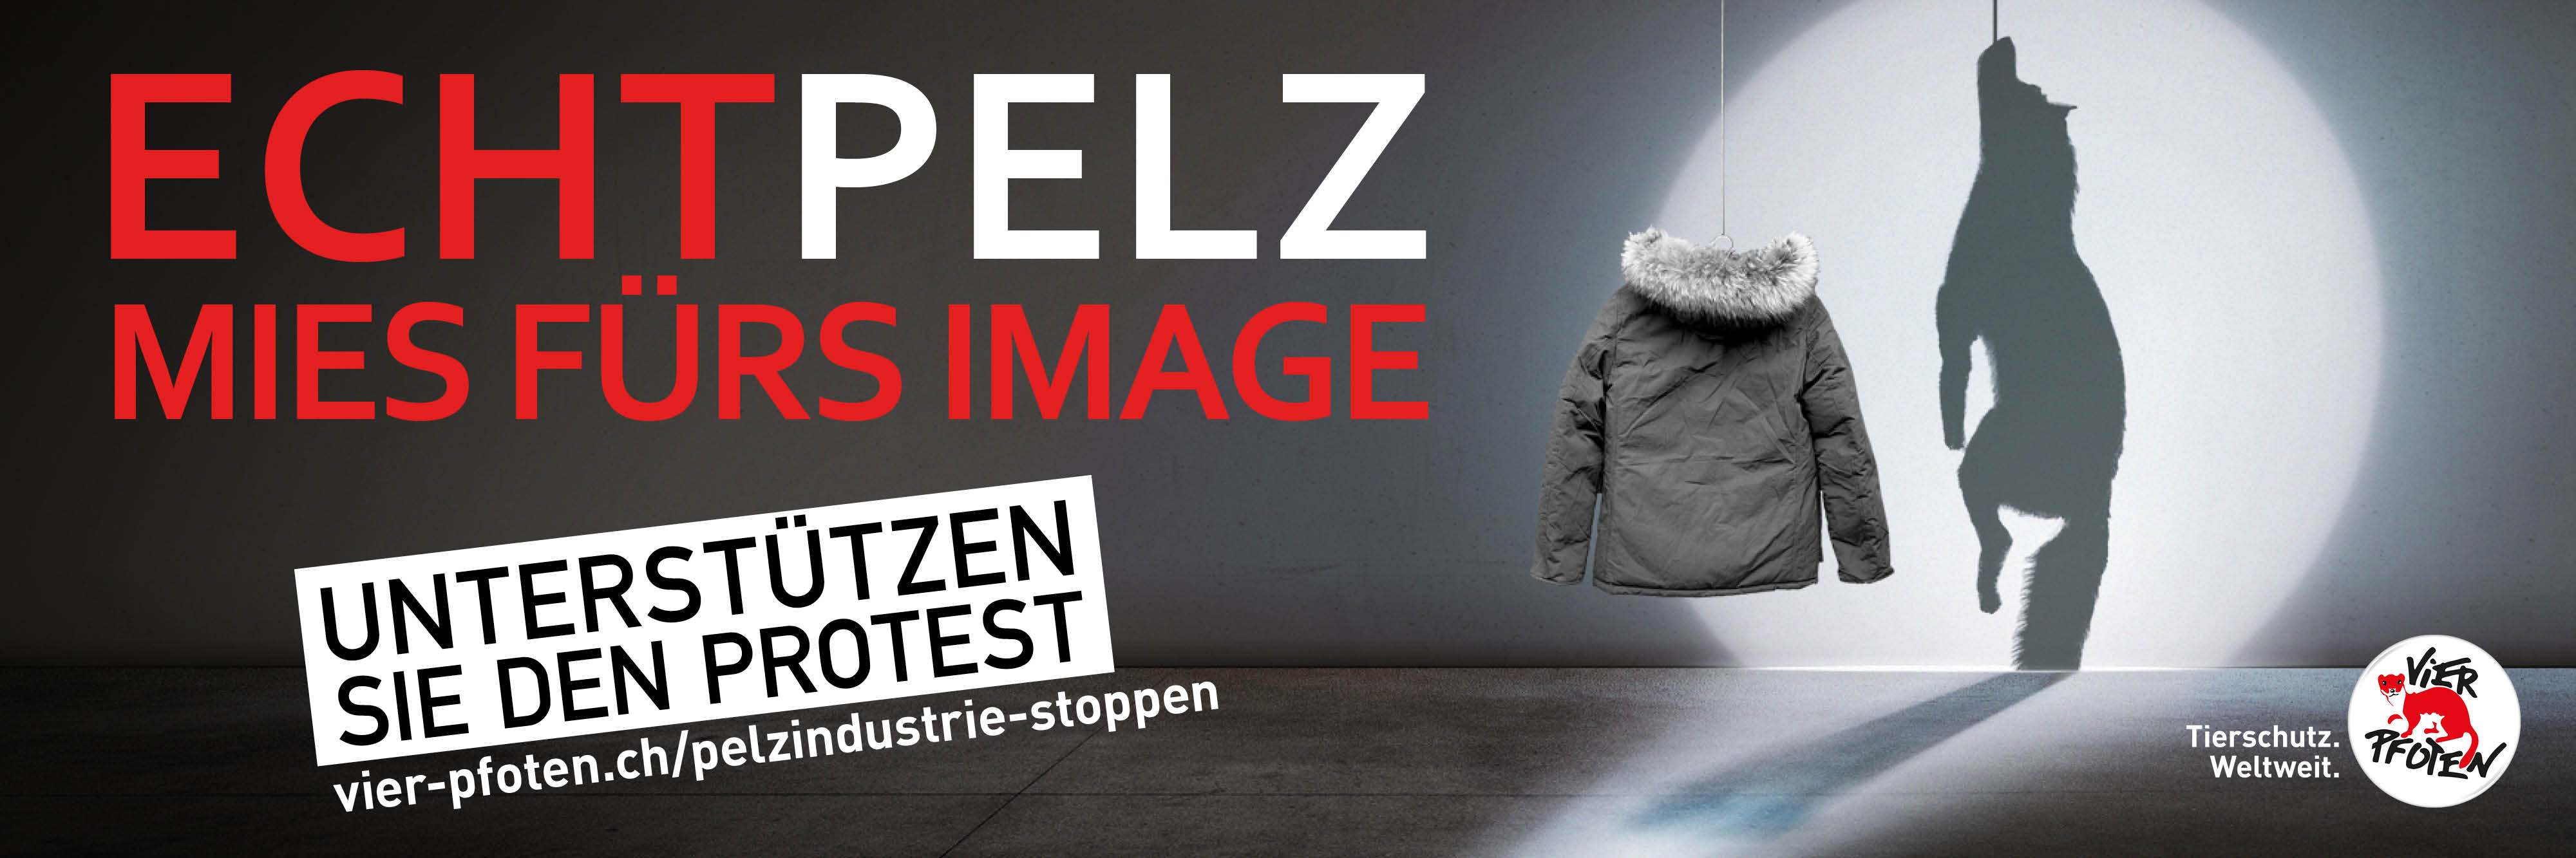 Anti-Pelz-Flyer